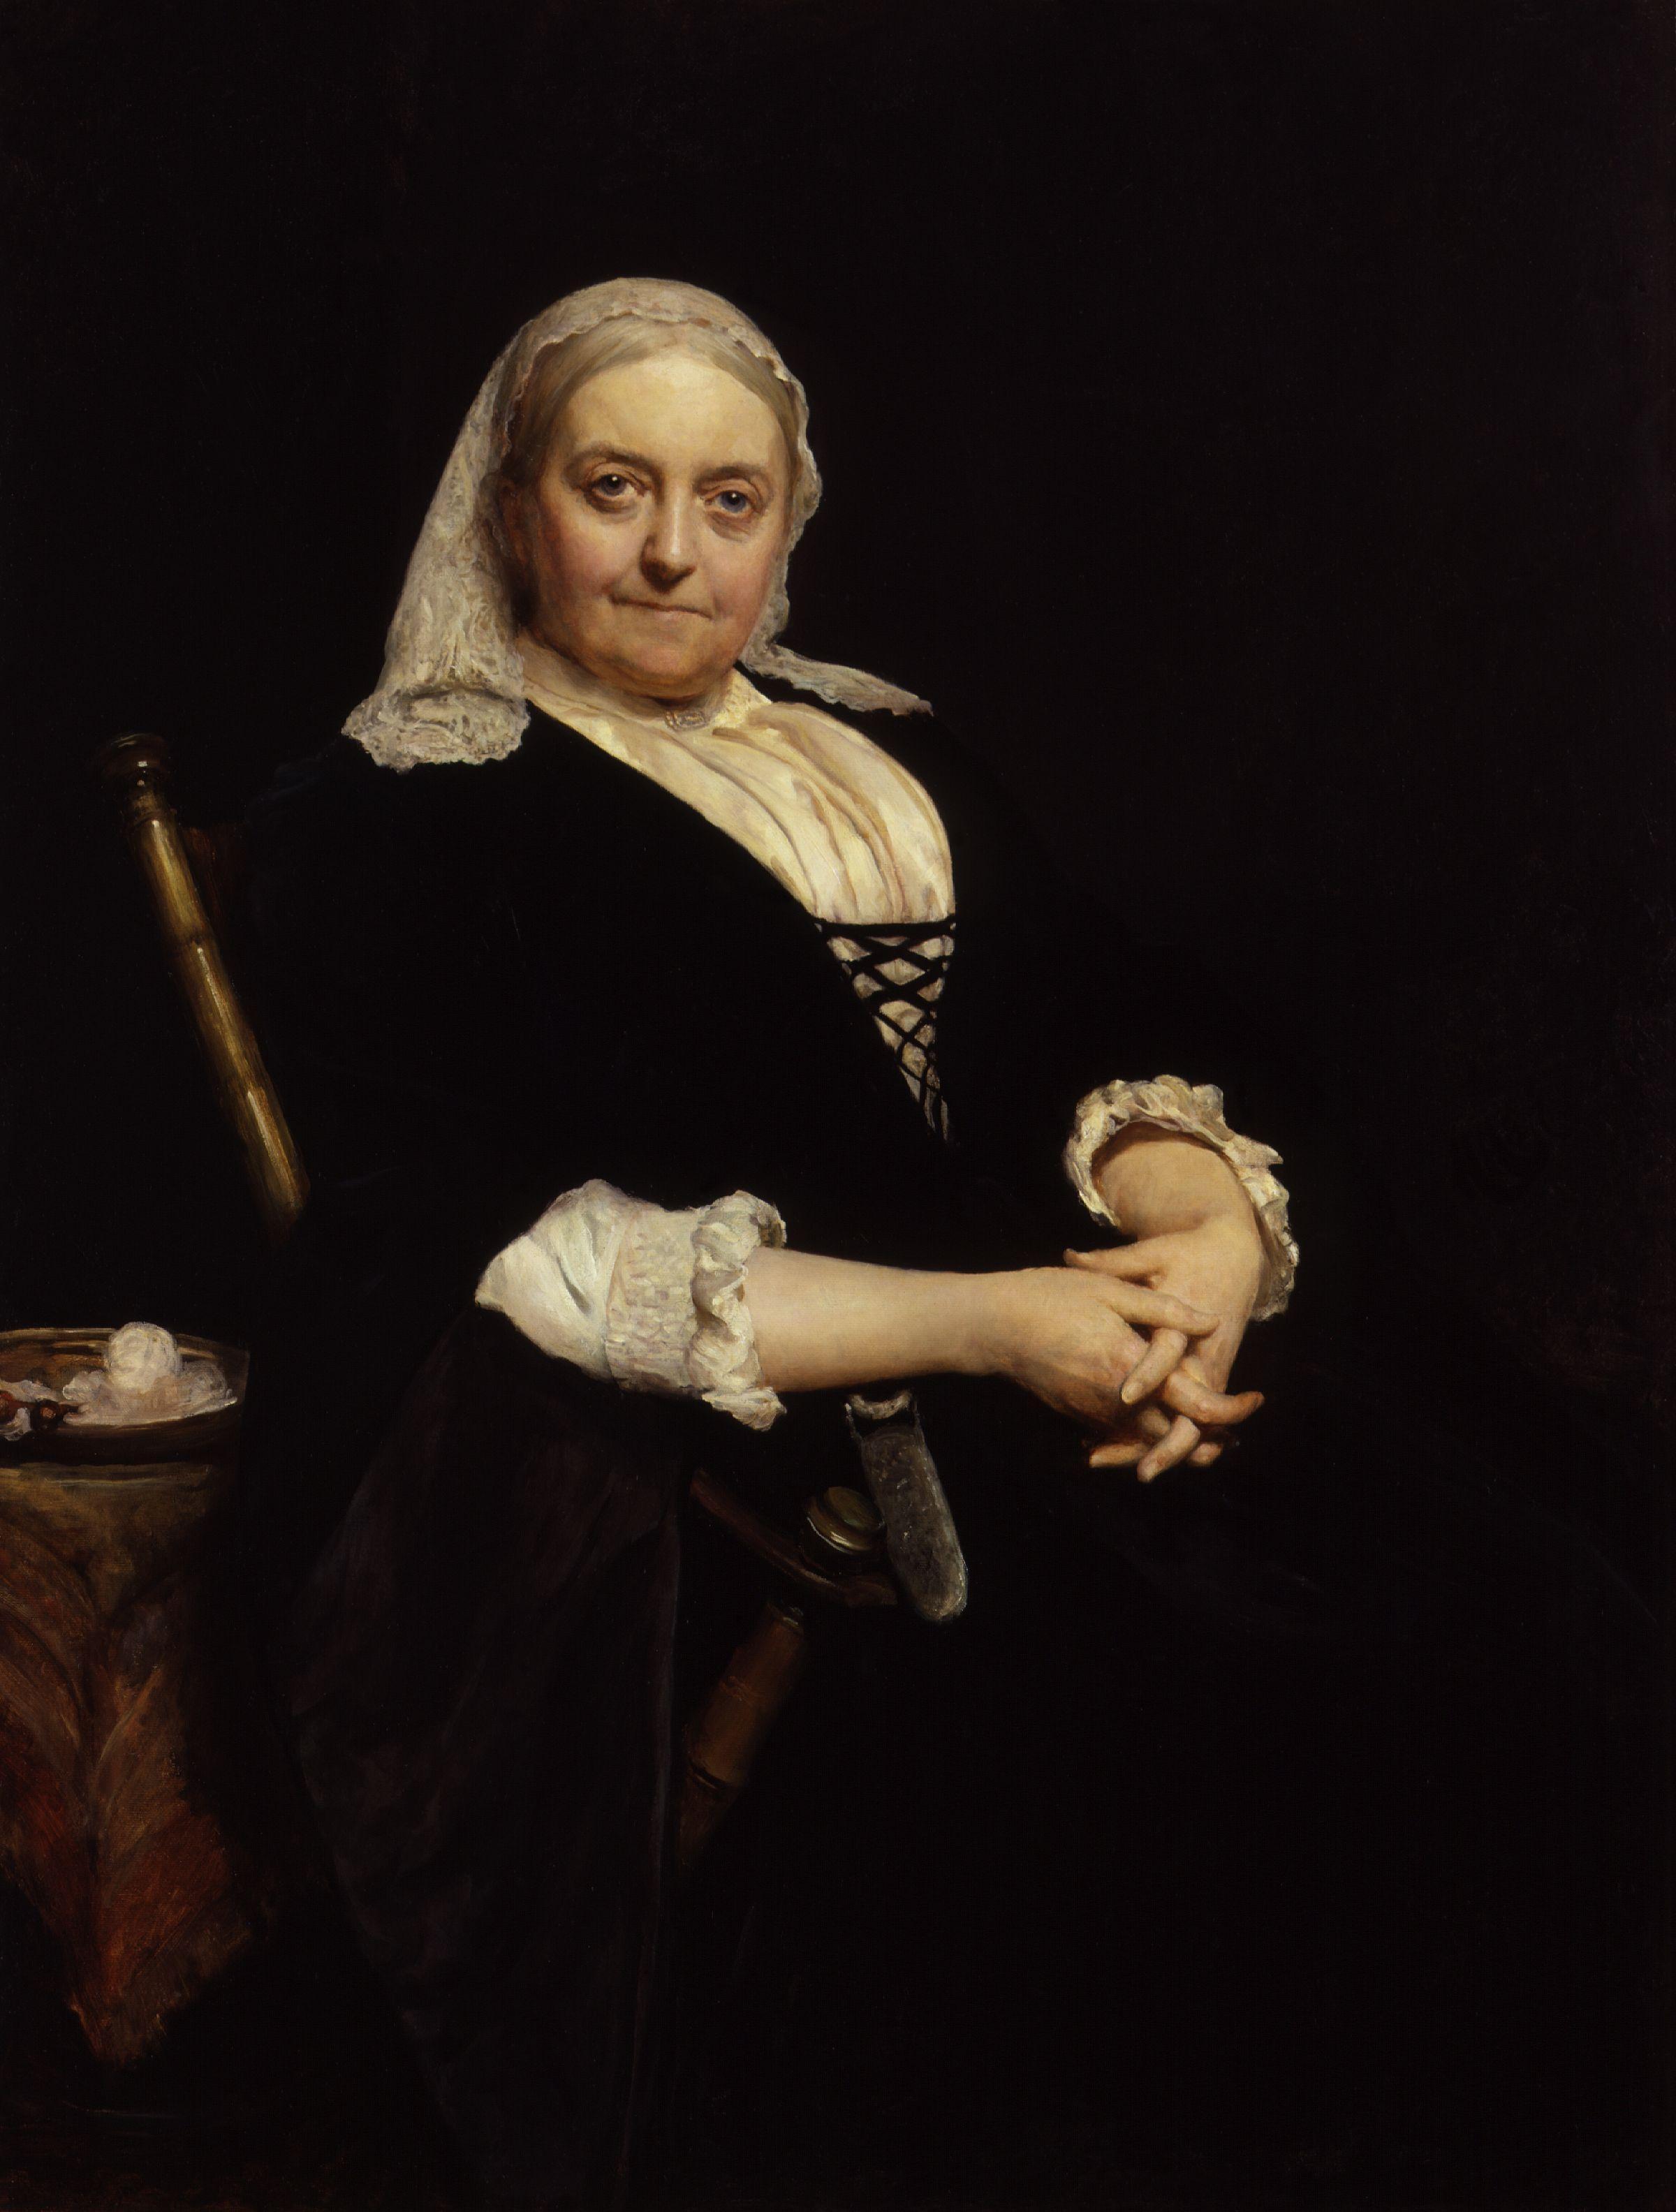 1887 portrait by [[Hubert von Herkomer]]